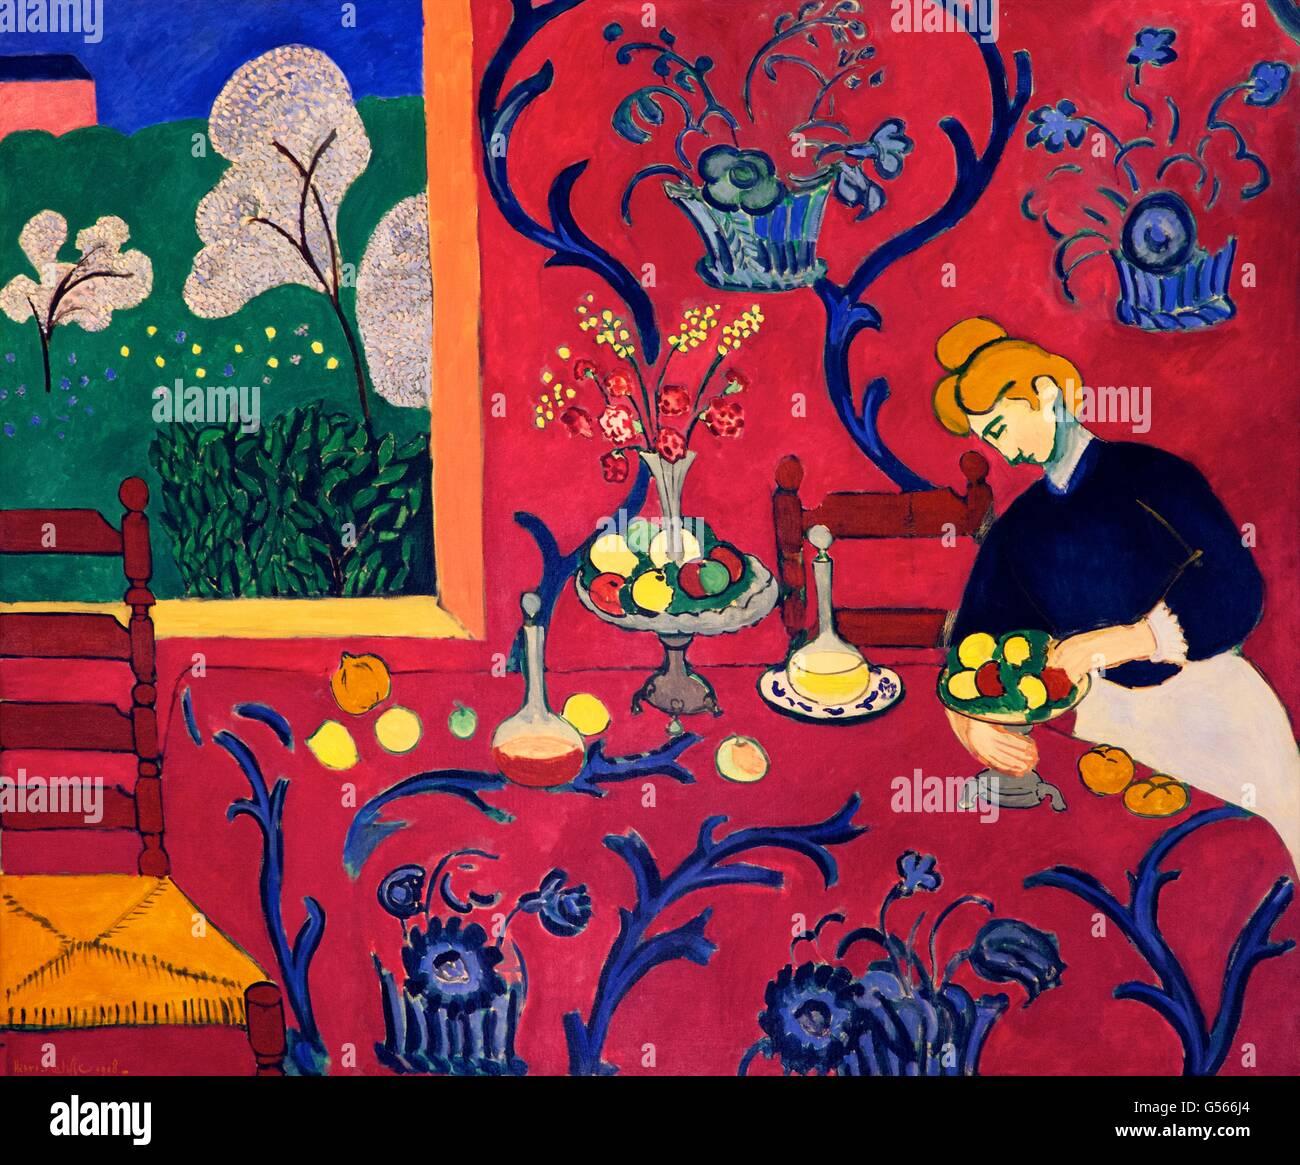 Salle Rouge, l'harmonie en rouge, d'Henri Matisse, 1908, Musée de l'Ermitage, Saint-Pétersbourg, Photo Stock